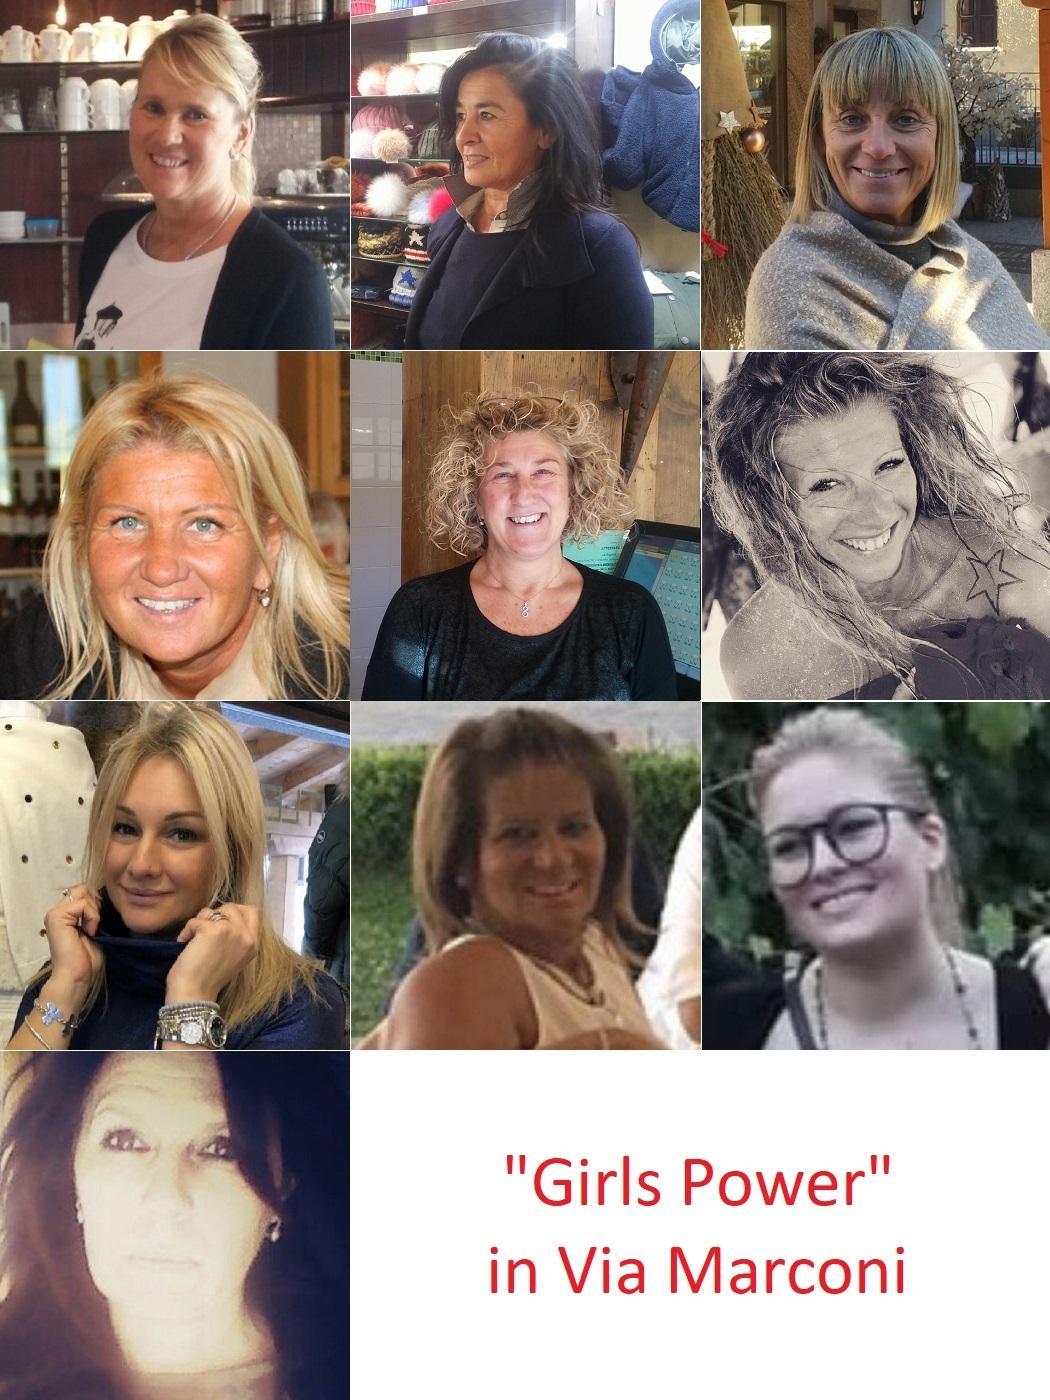 Girls Power, le magnifiche imprenditrici di via Marconi !